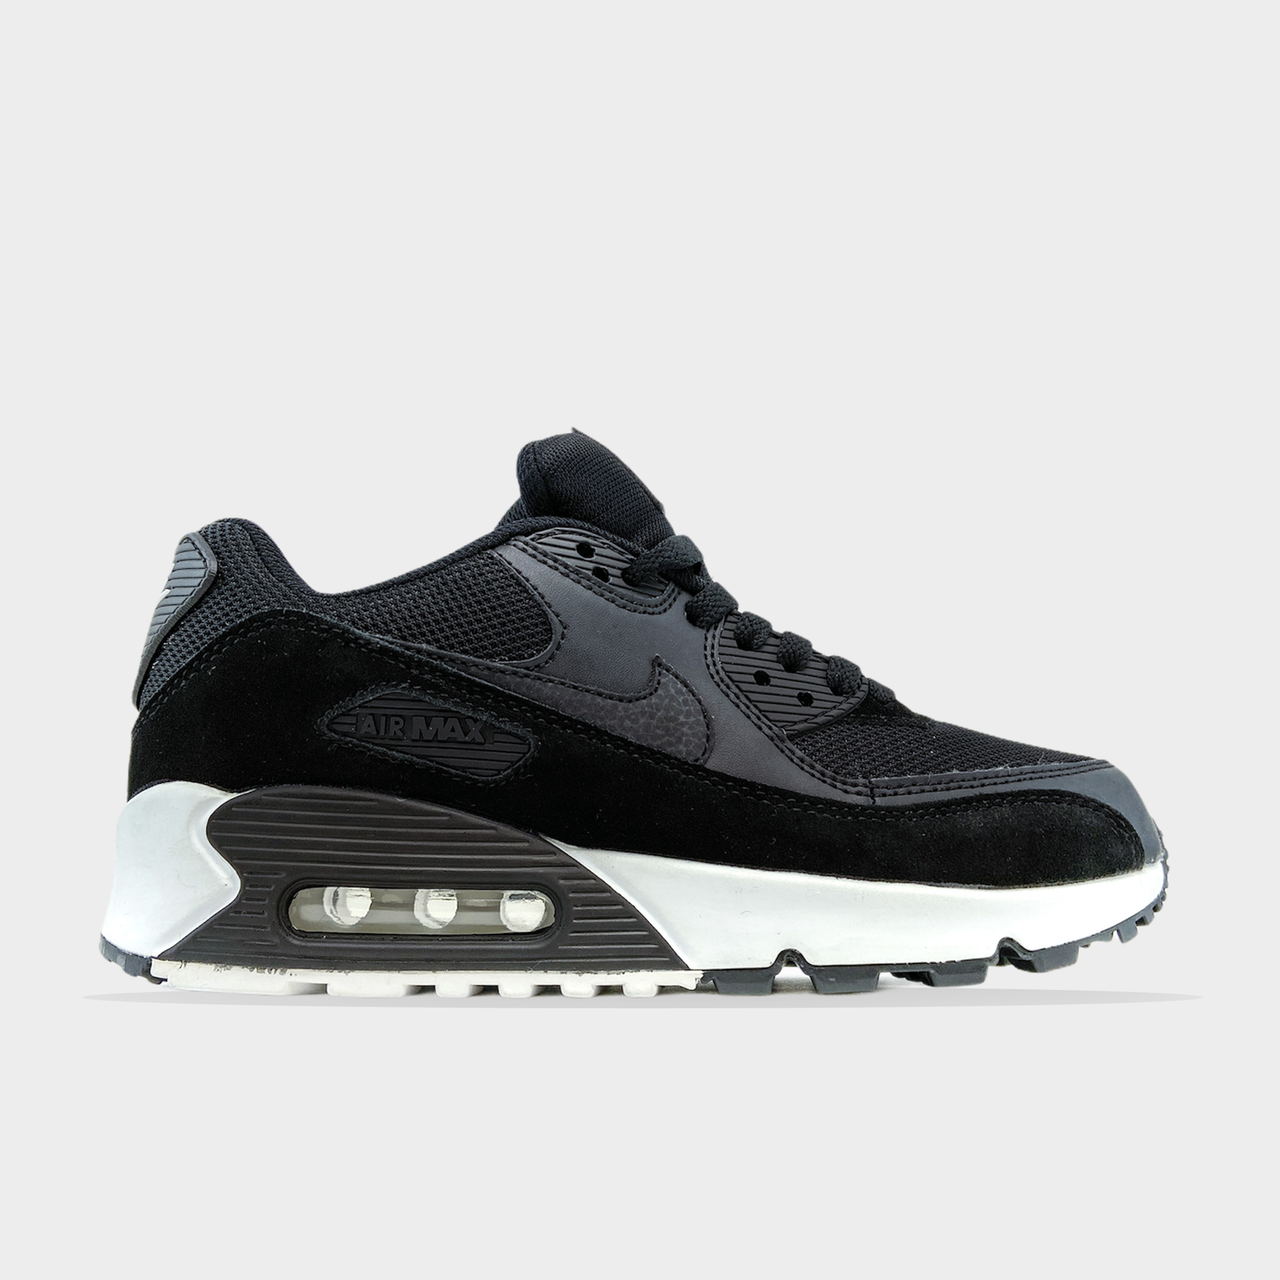 Nike Air Max 90 Black White (Чорний)